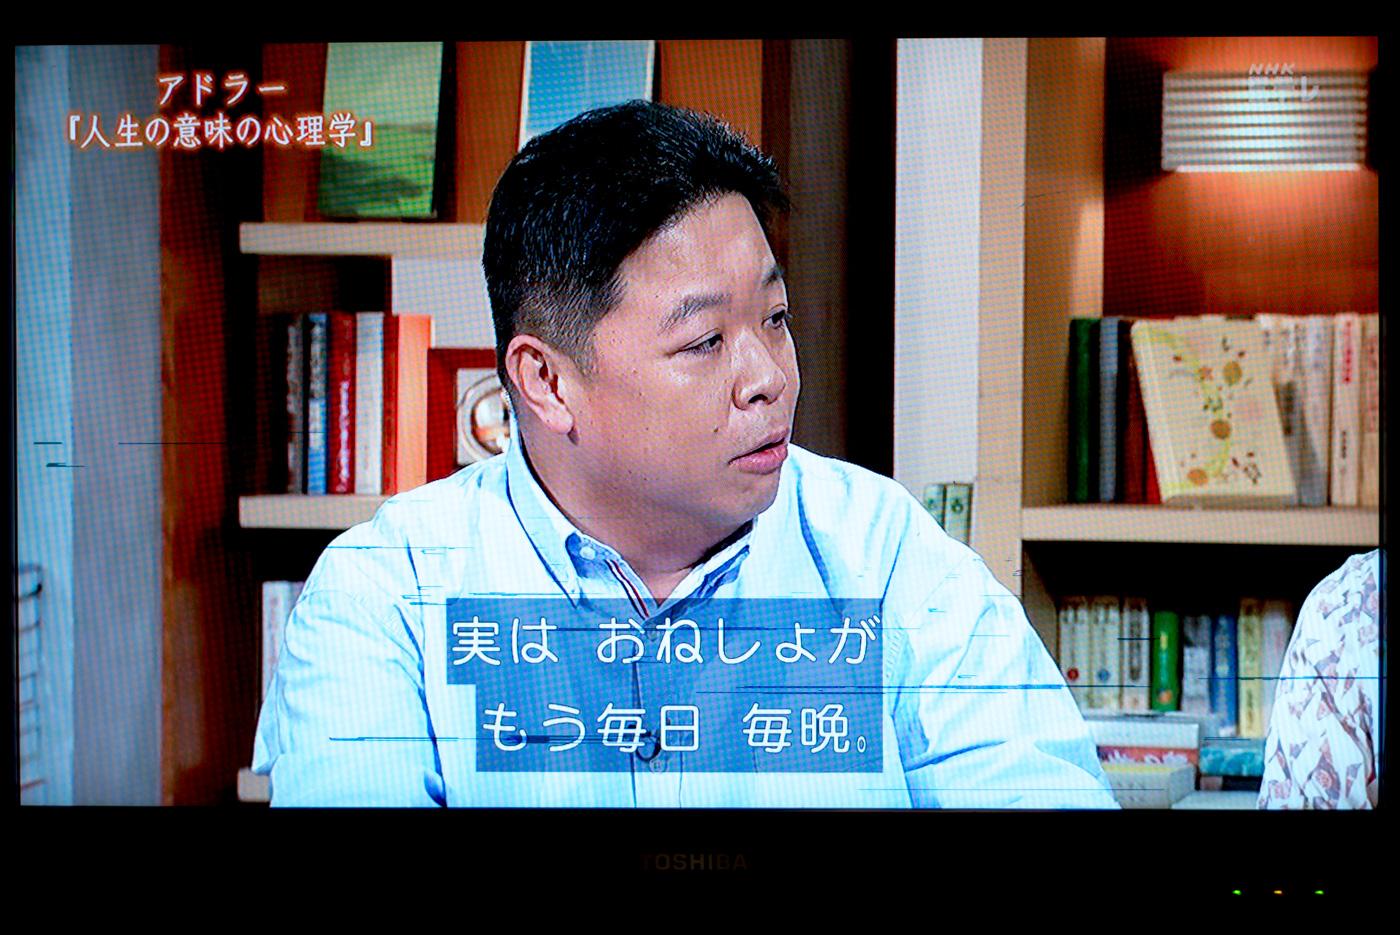 伊集院光さんは、小学校4年生までおねしょをしていた